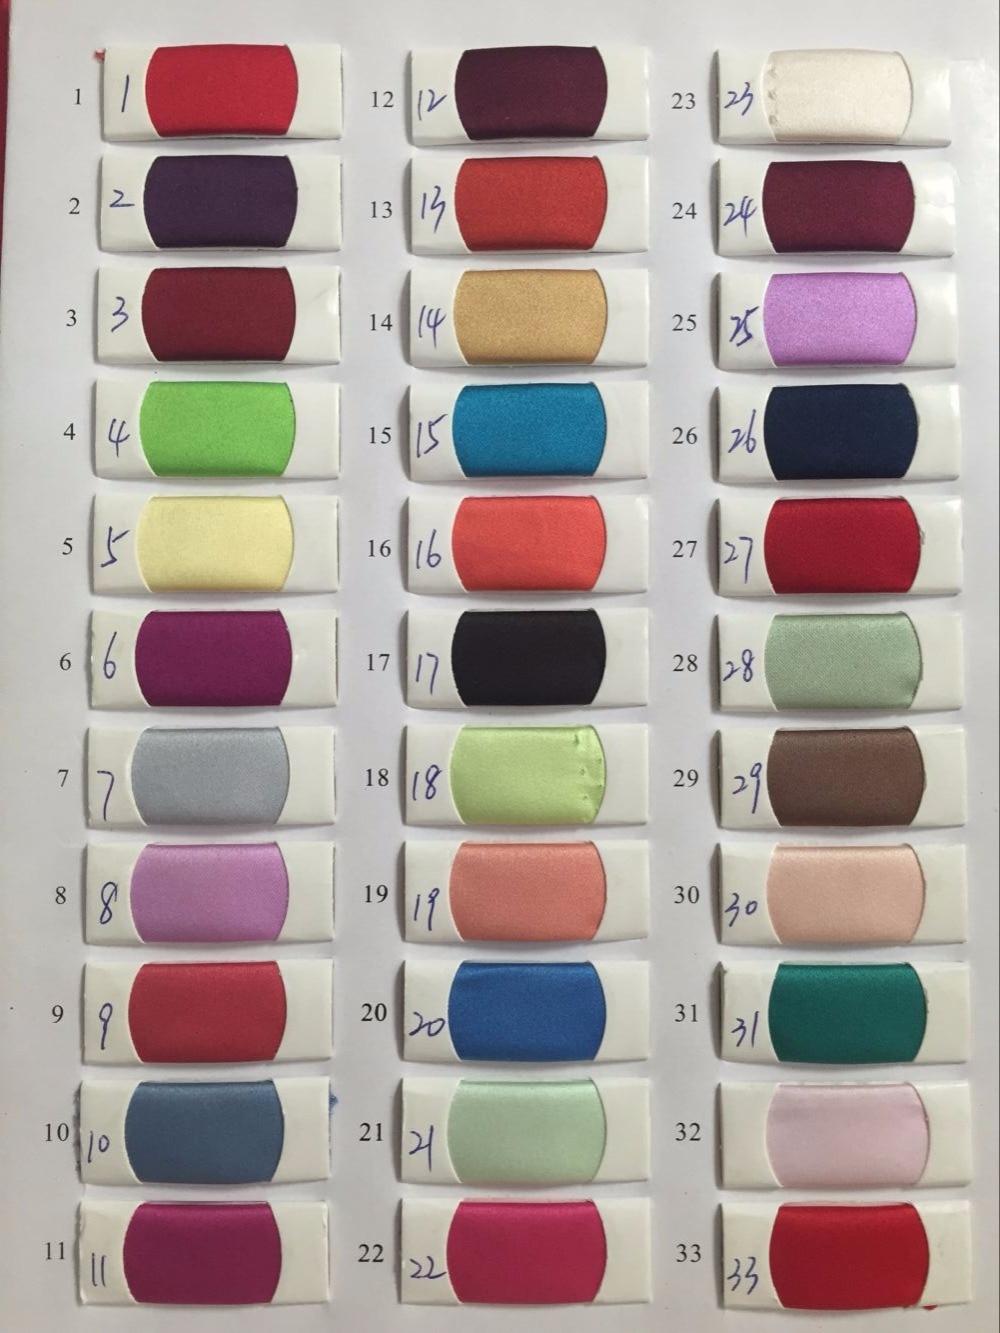 Sirène Mode Bal Pourpre Cou Piste Longues Applique Dentelle Manches Plafonné Court Haute Robes Violet Foncé Soirée De Sexy APABUq